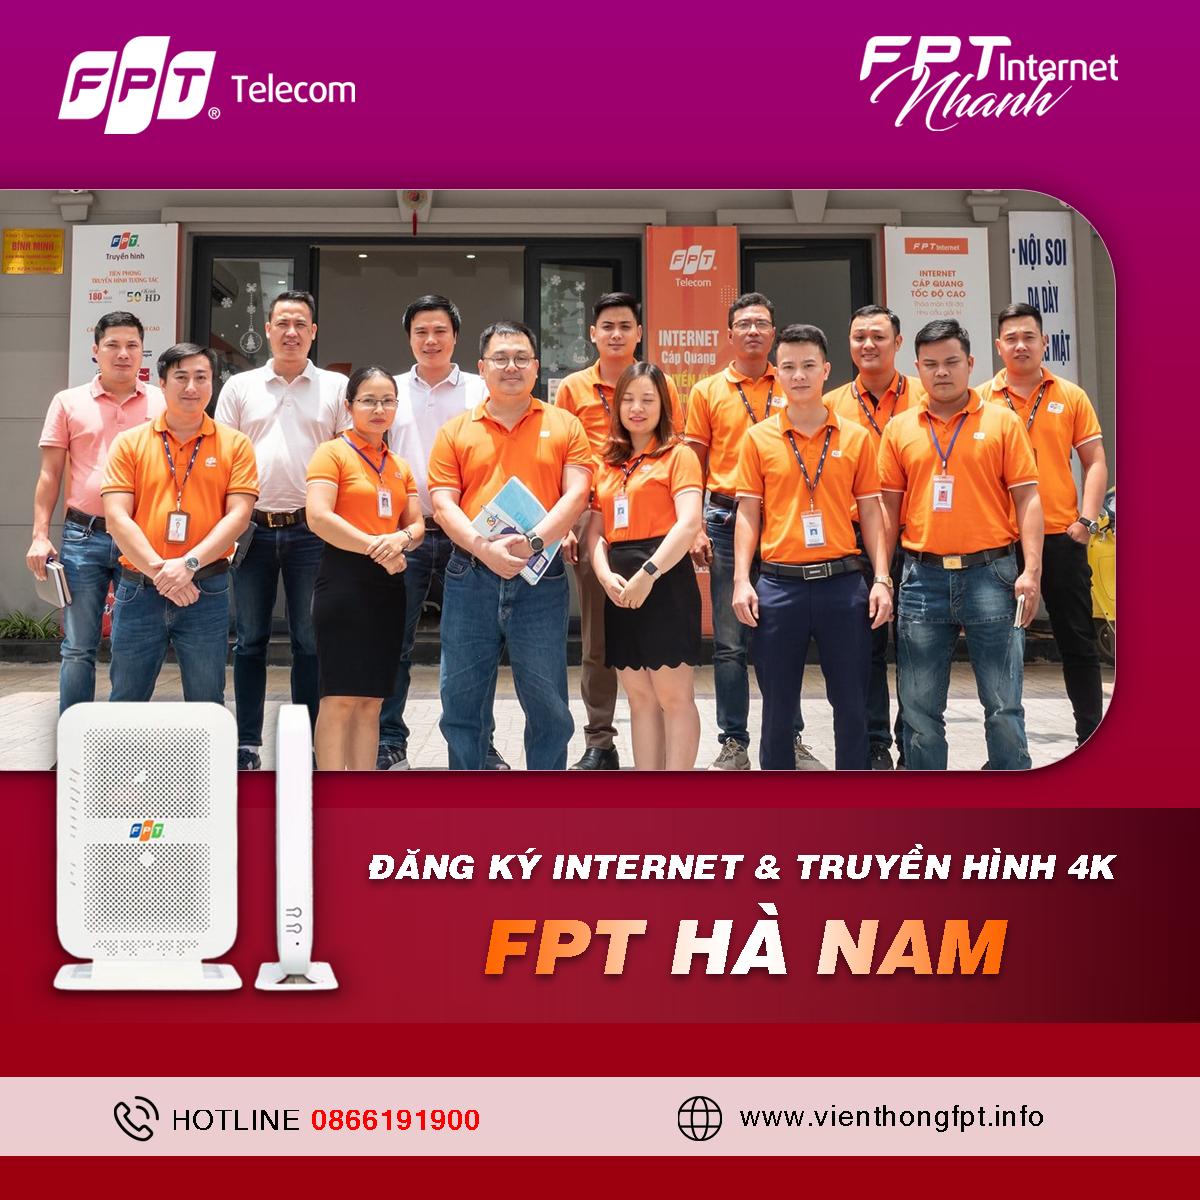 Đăng ký Internet FPT Hà Nam - Tặng 2 tháng cước sử dụng